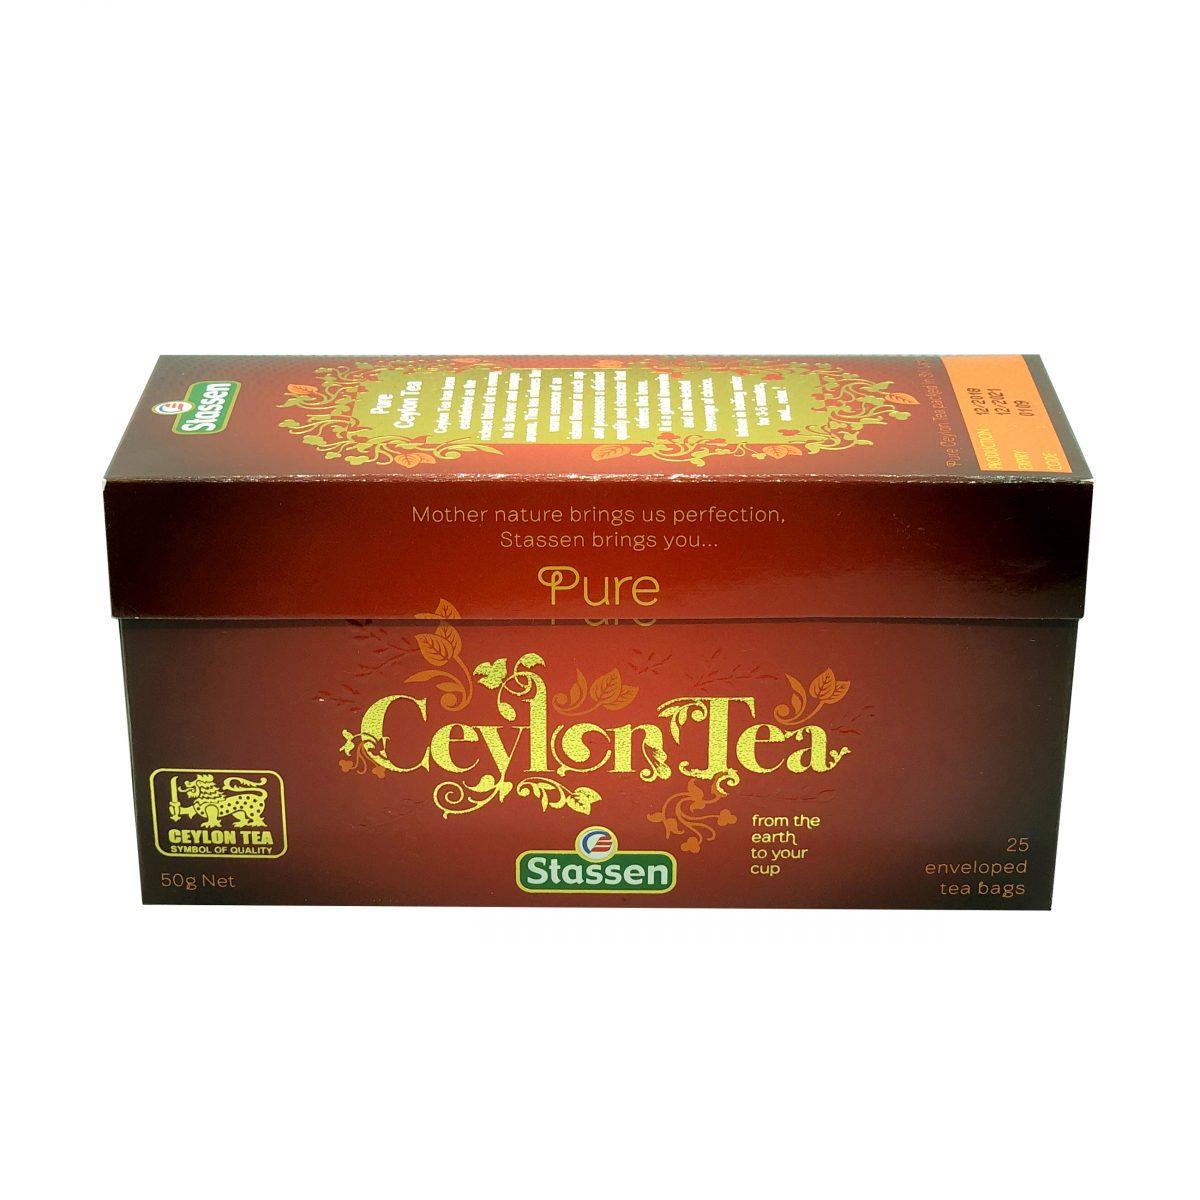 Cejlonski crni čaj, Stassen